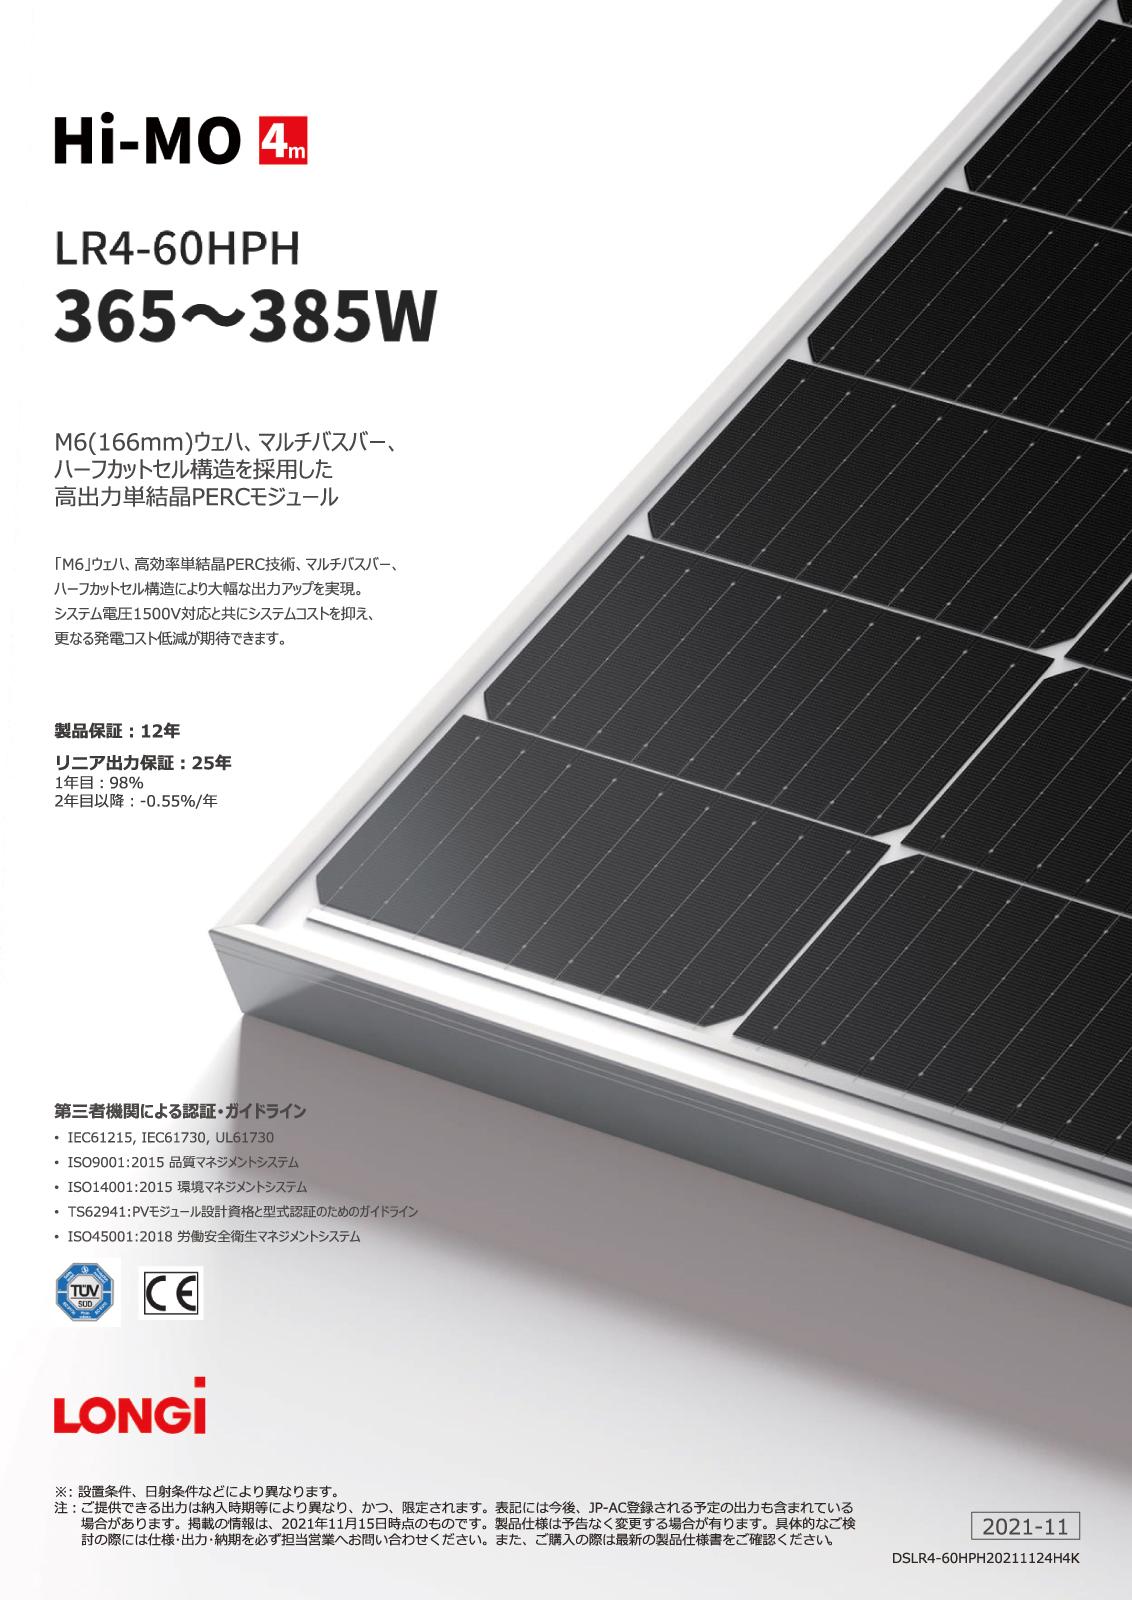 【単結晶375W】ロンジソーラー 太陽光発電パネル LR4-60HPH-375M ソーラーパネル